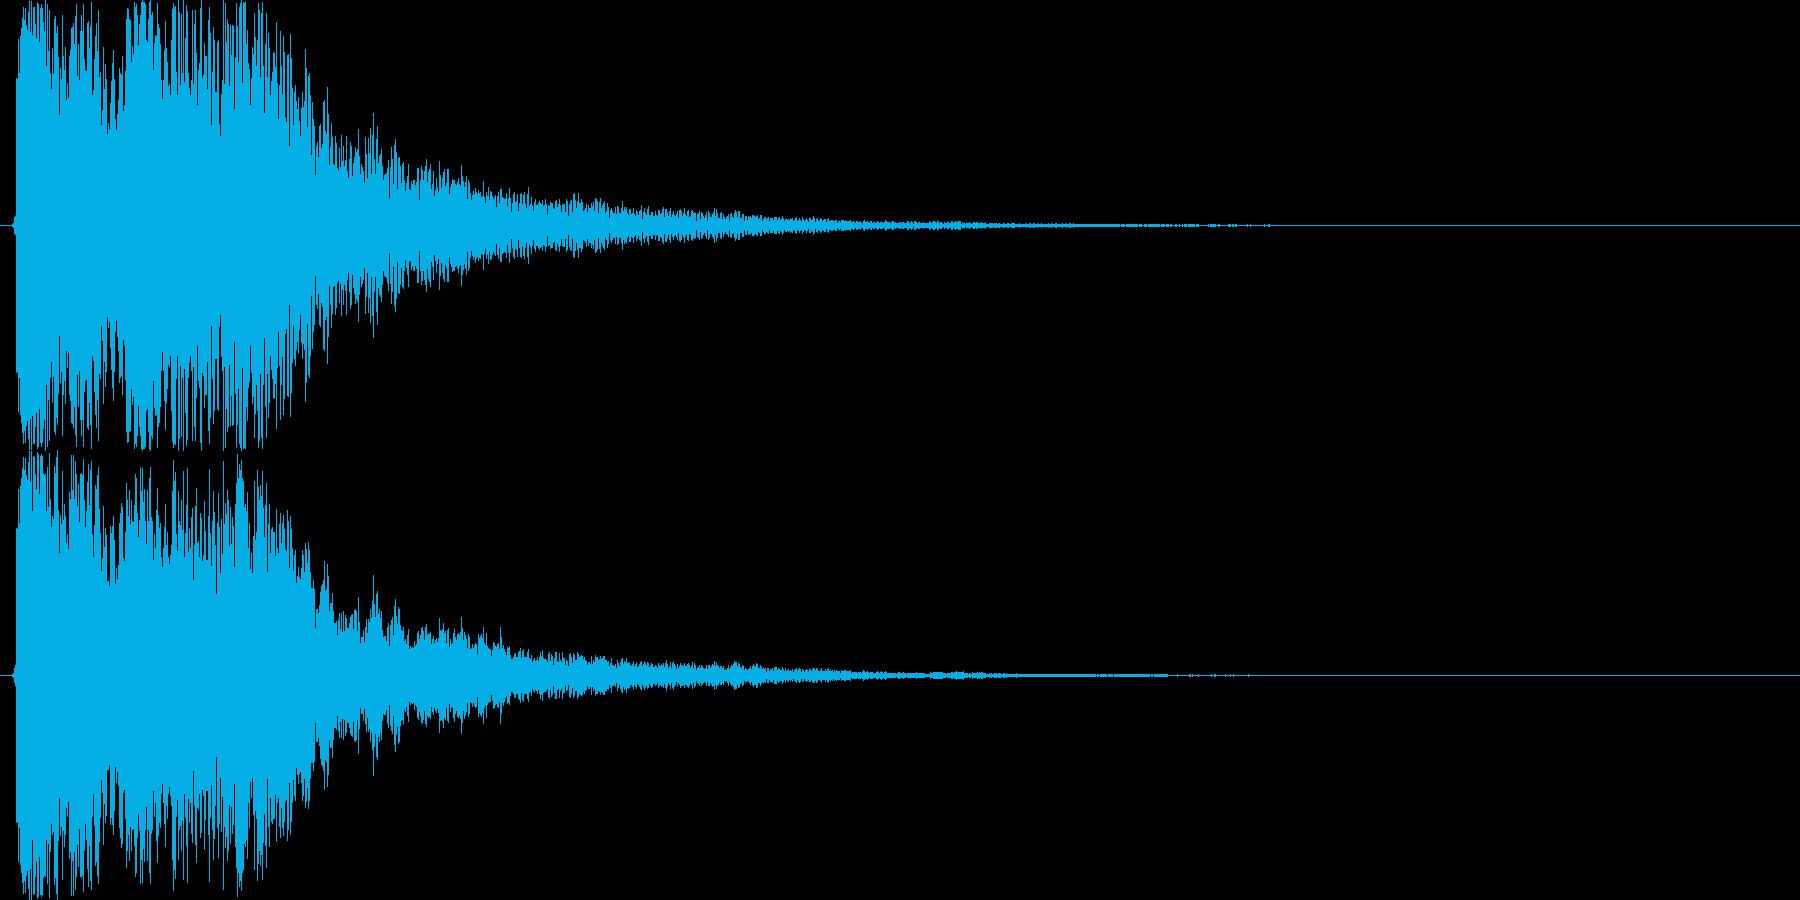 お正月・和風イメージボタン音(下降)の再生済みの波形